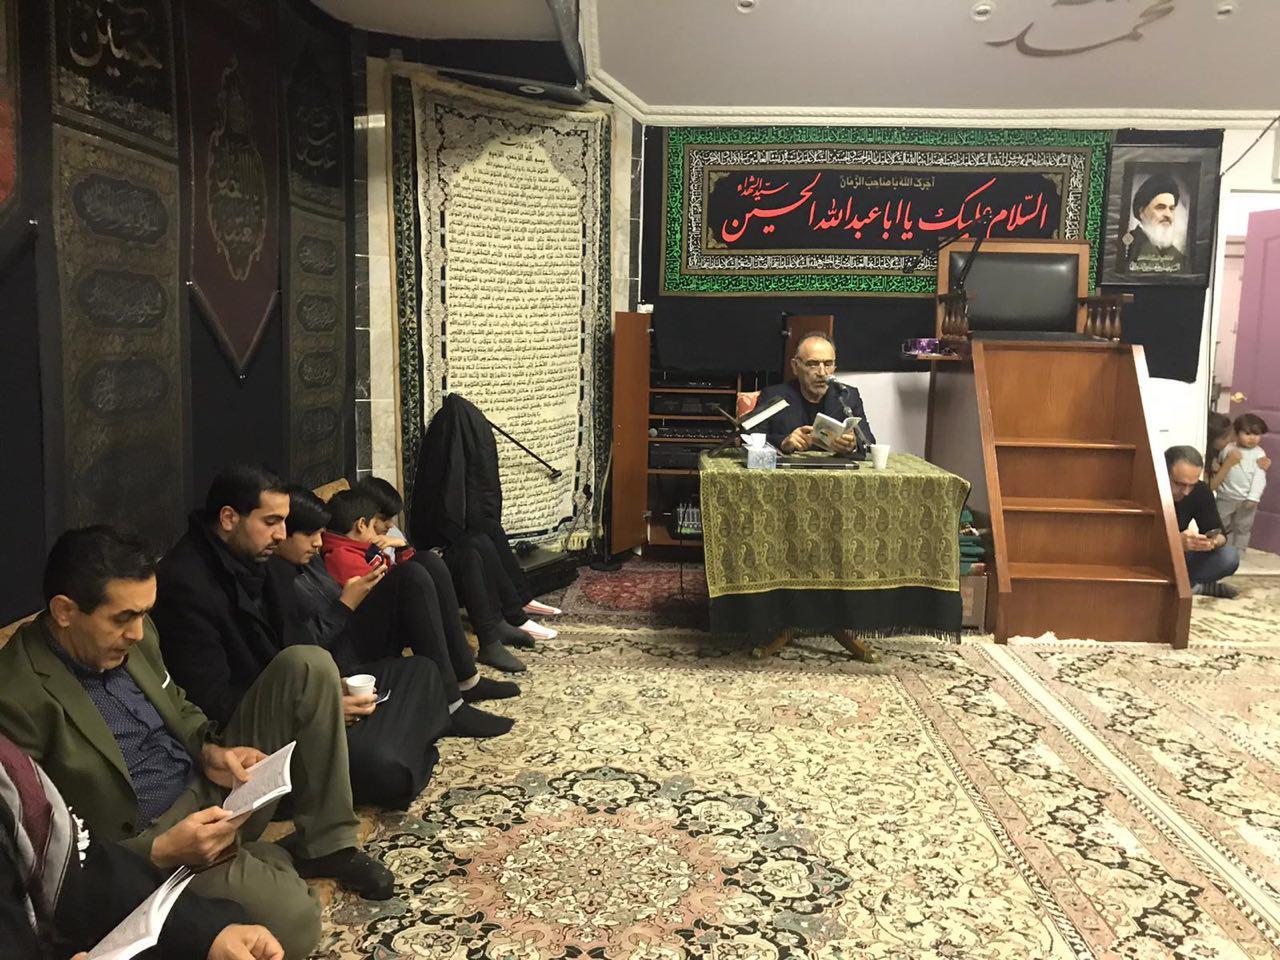 تصویر عزاداری شیعیان کانادا در مناسبتهای پایان ماه صفر